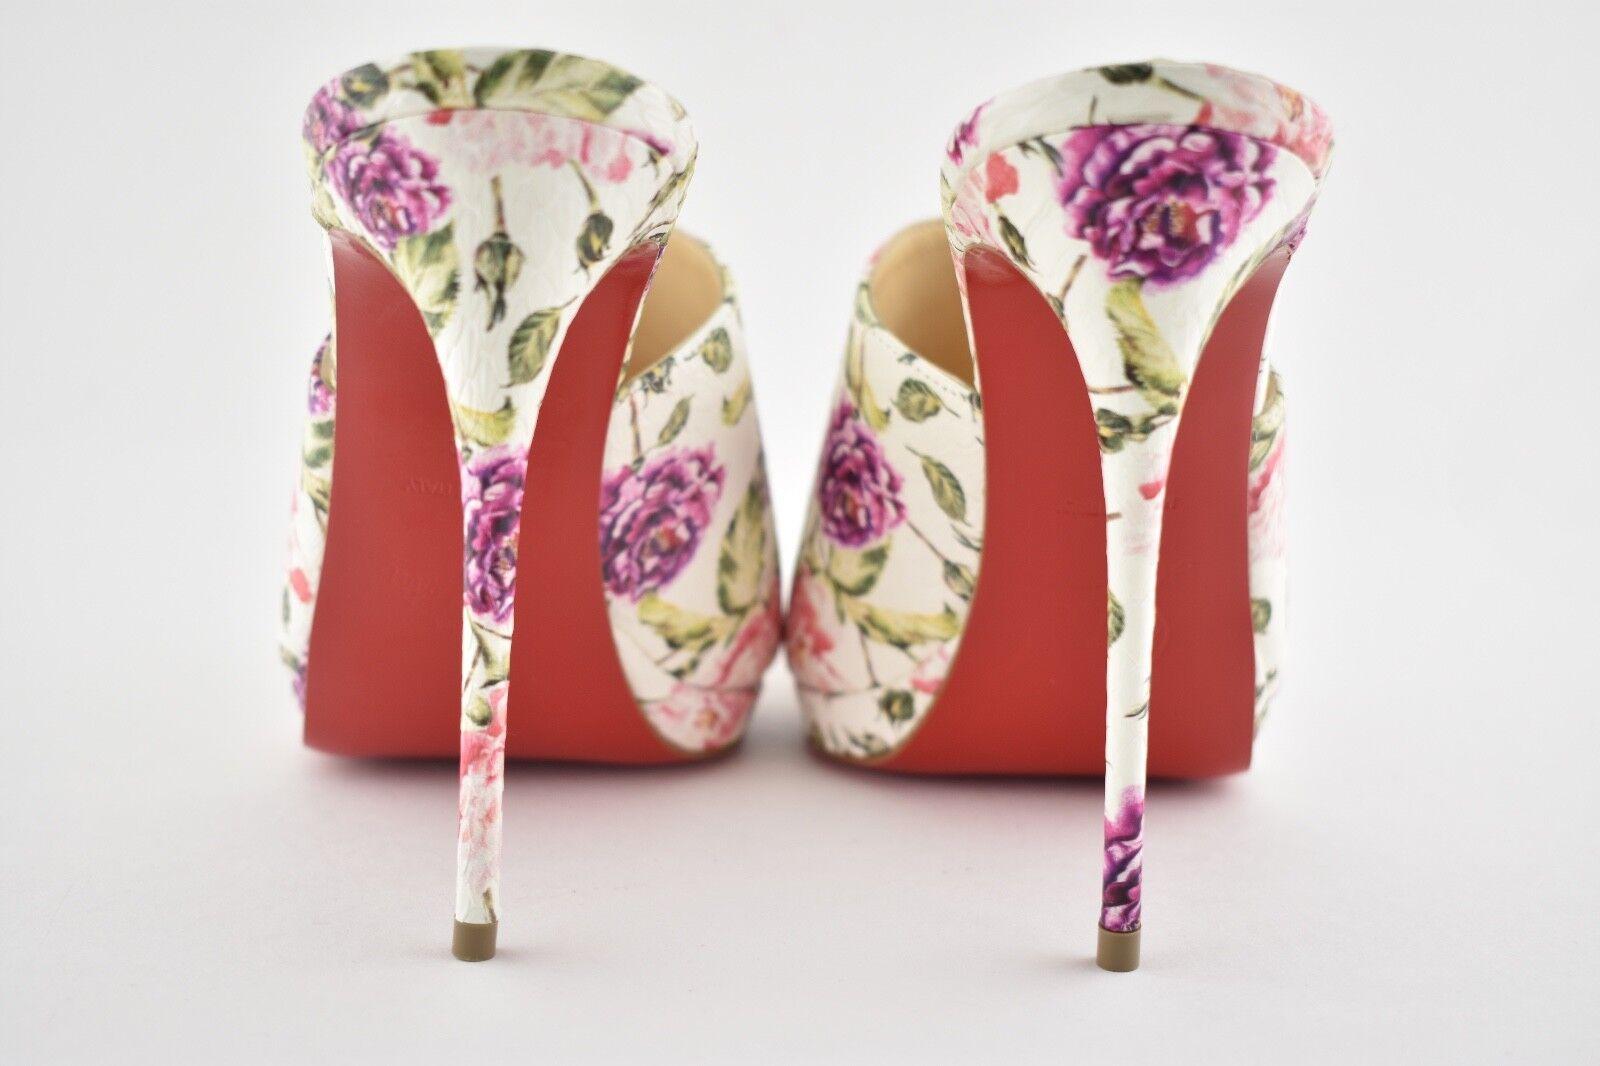 NB Mule Christian Louboutin Pigamule 120 Weiß Pink Floral Mule NB Sandale Heel Pump 40.5 b17be8